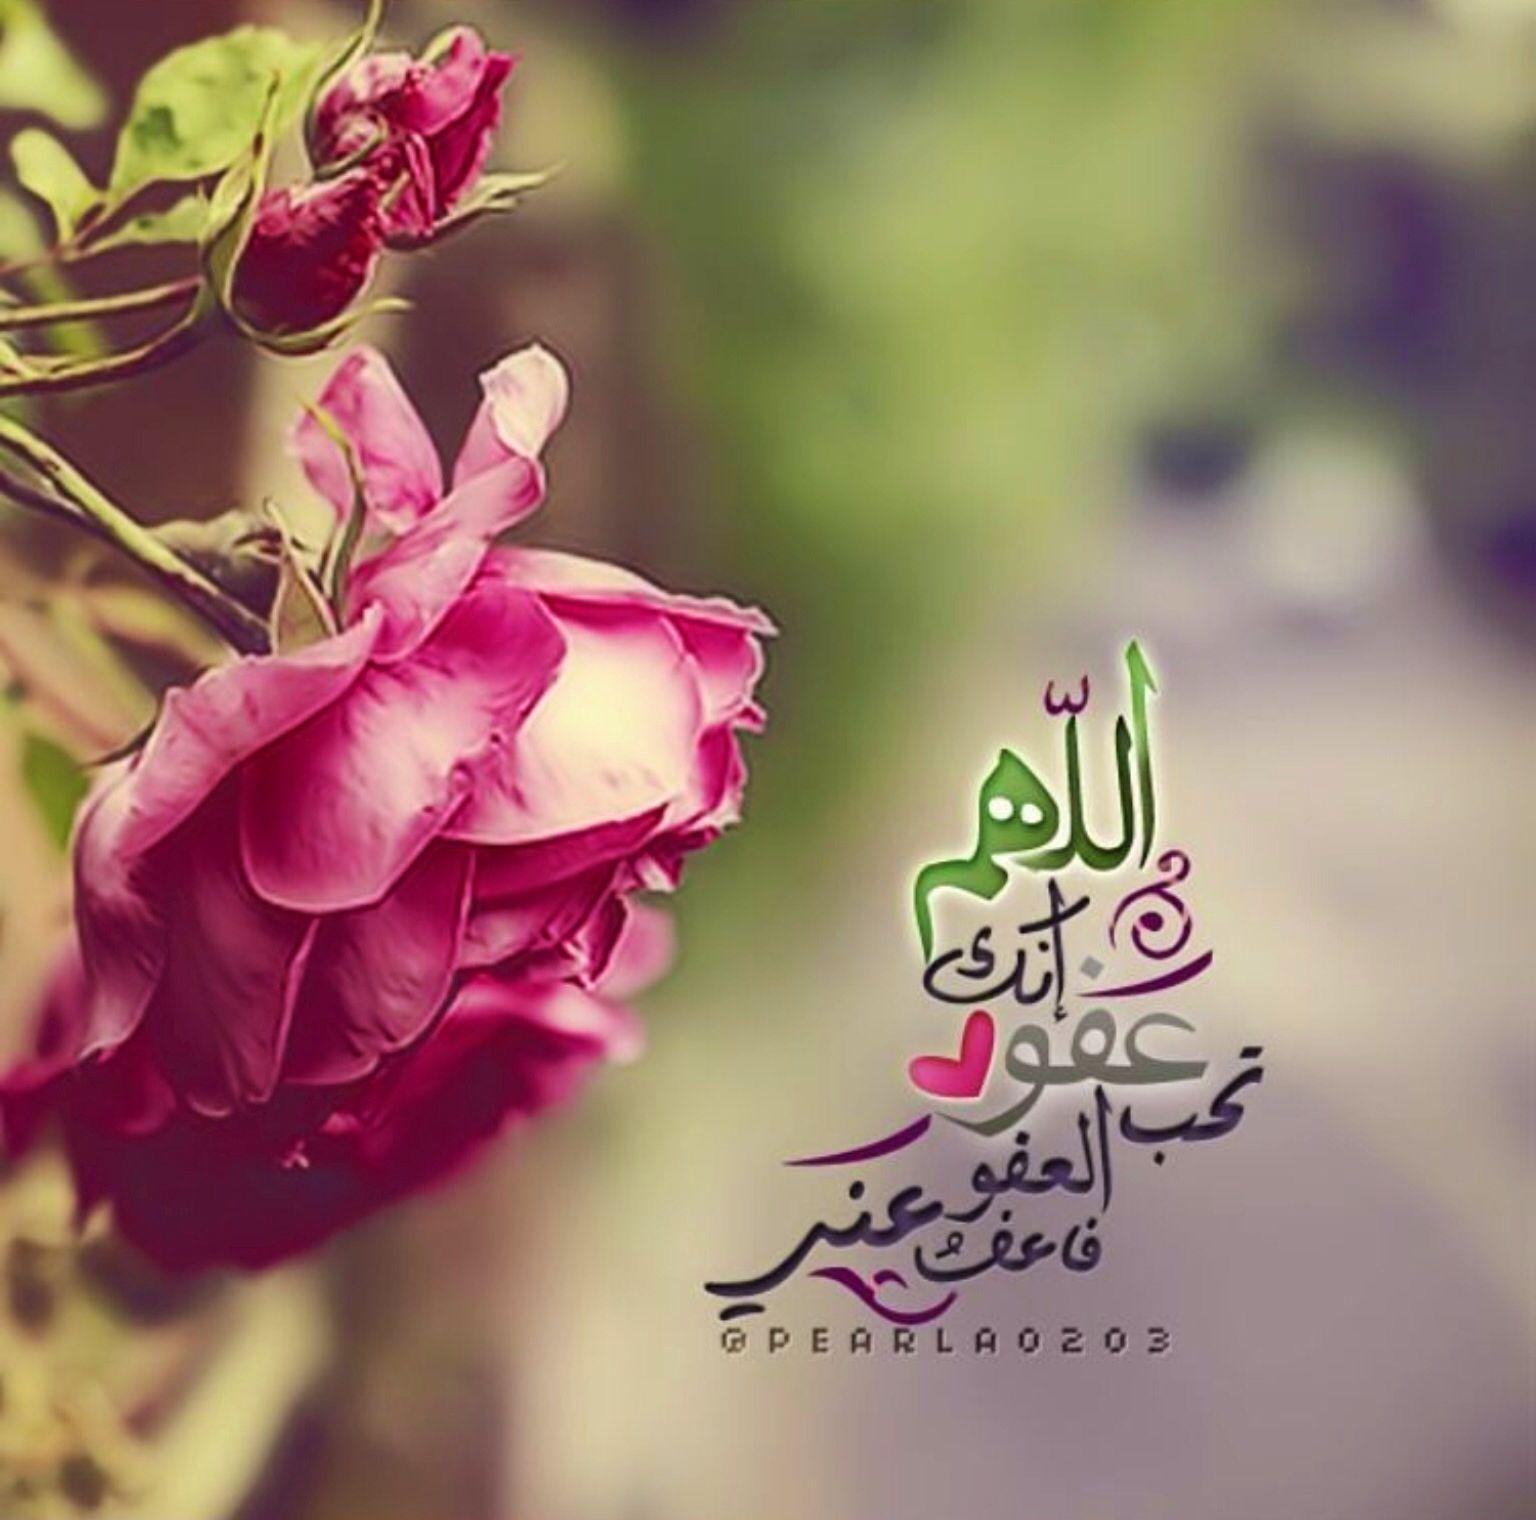 اللهم انك عفو تحب العفو فاعفو عنا Beautiful Quran Quotes Rose Flowers